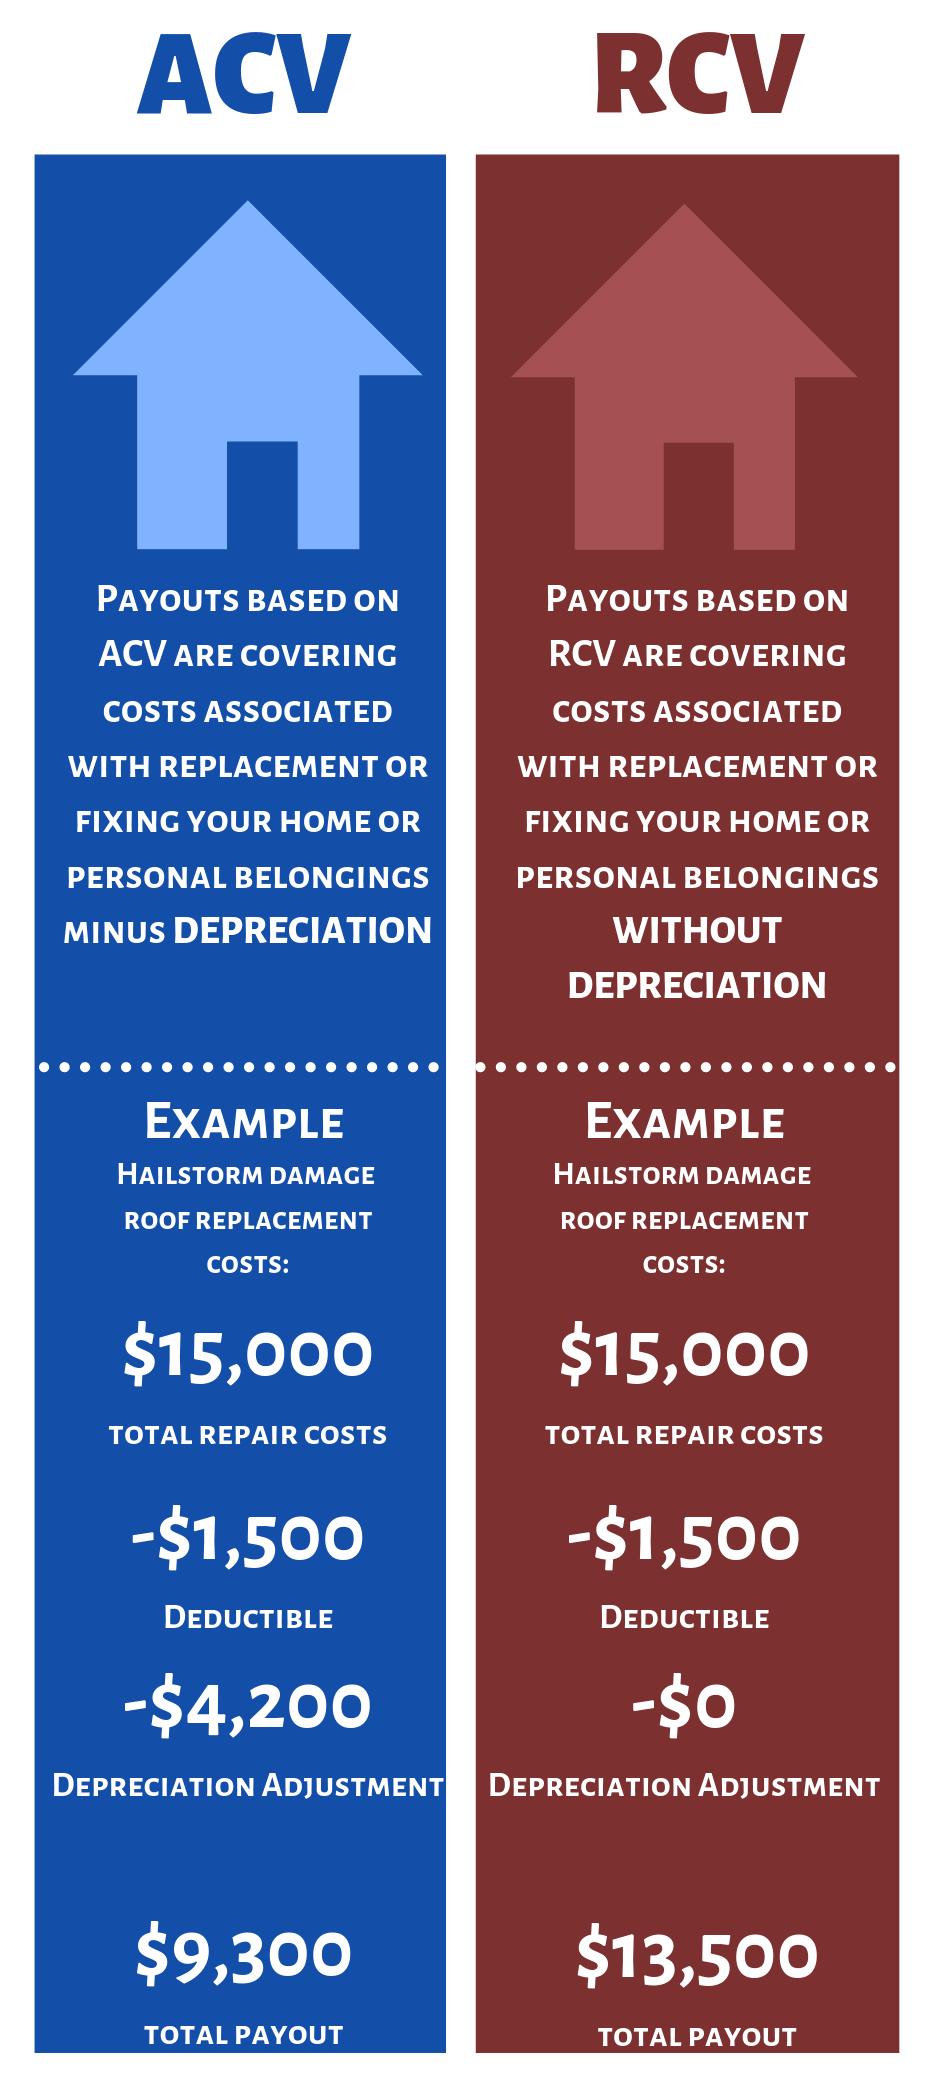 Actual Cash Value (ACV) vs Replacement Cost Value (RCV)